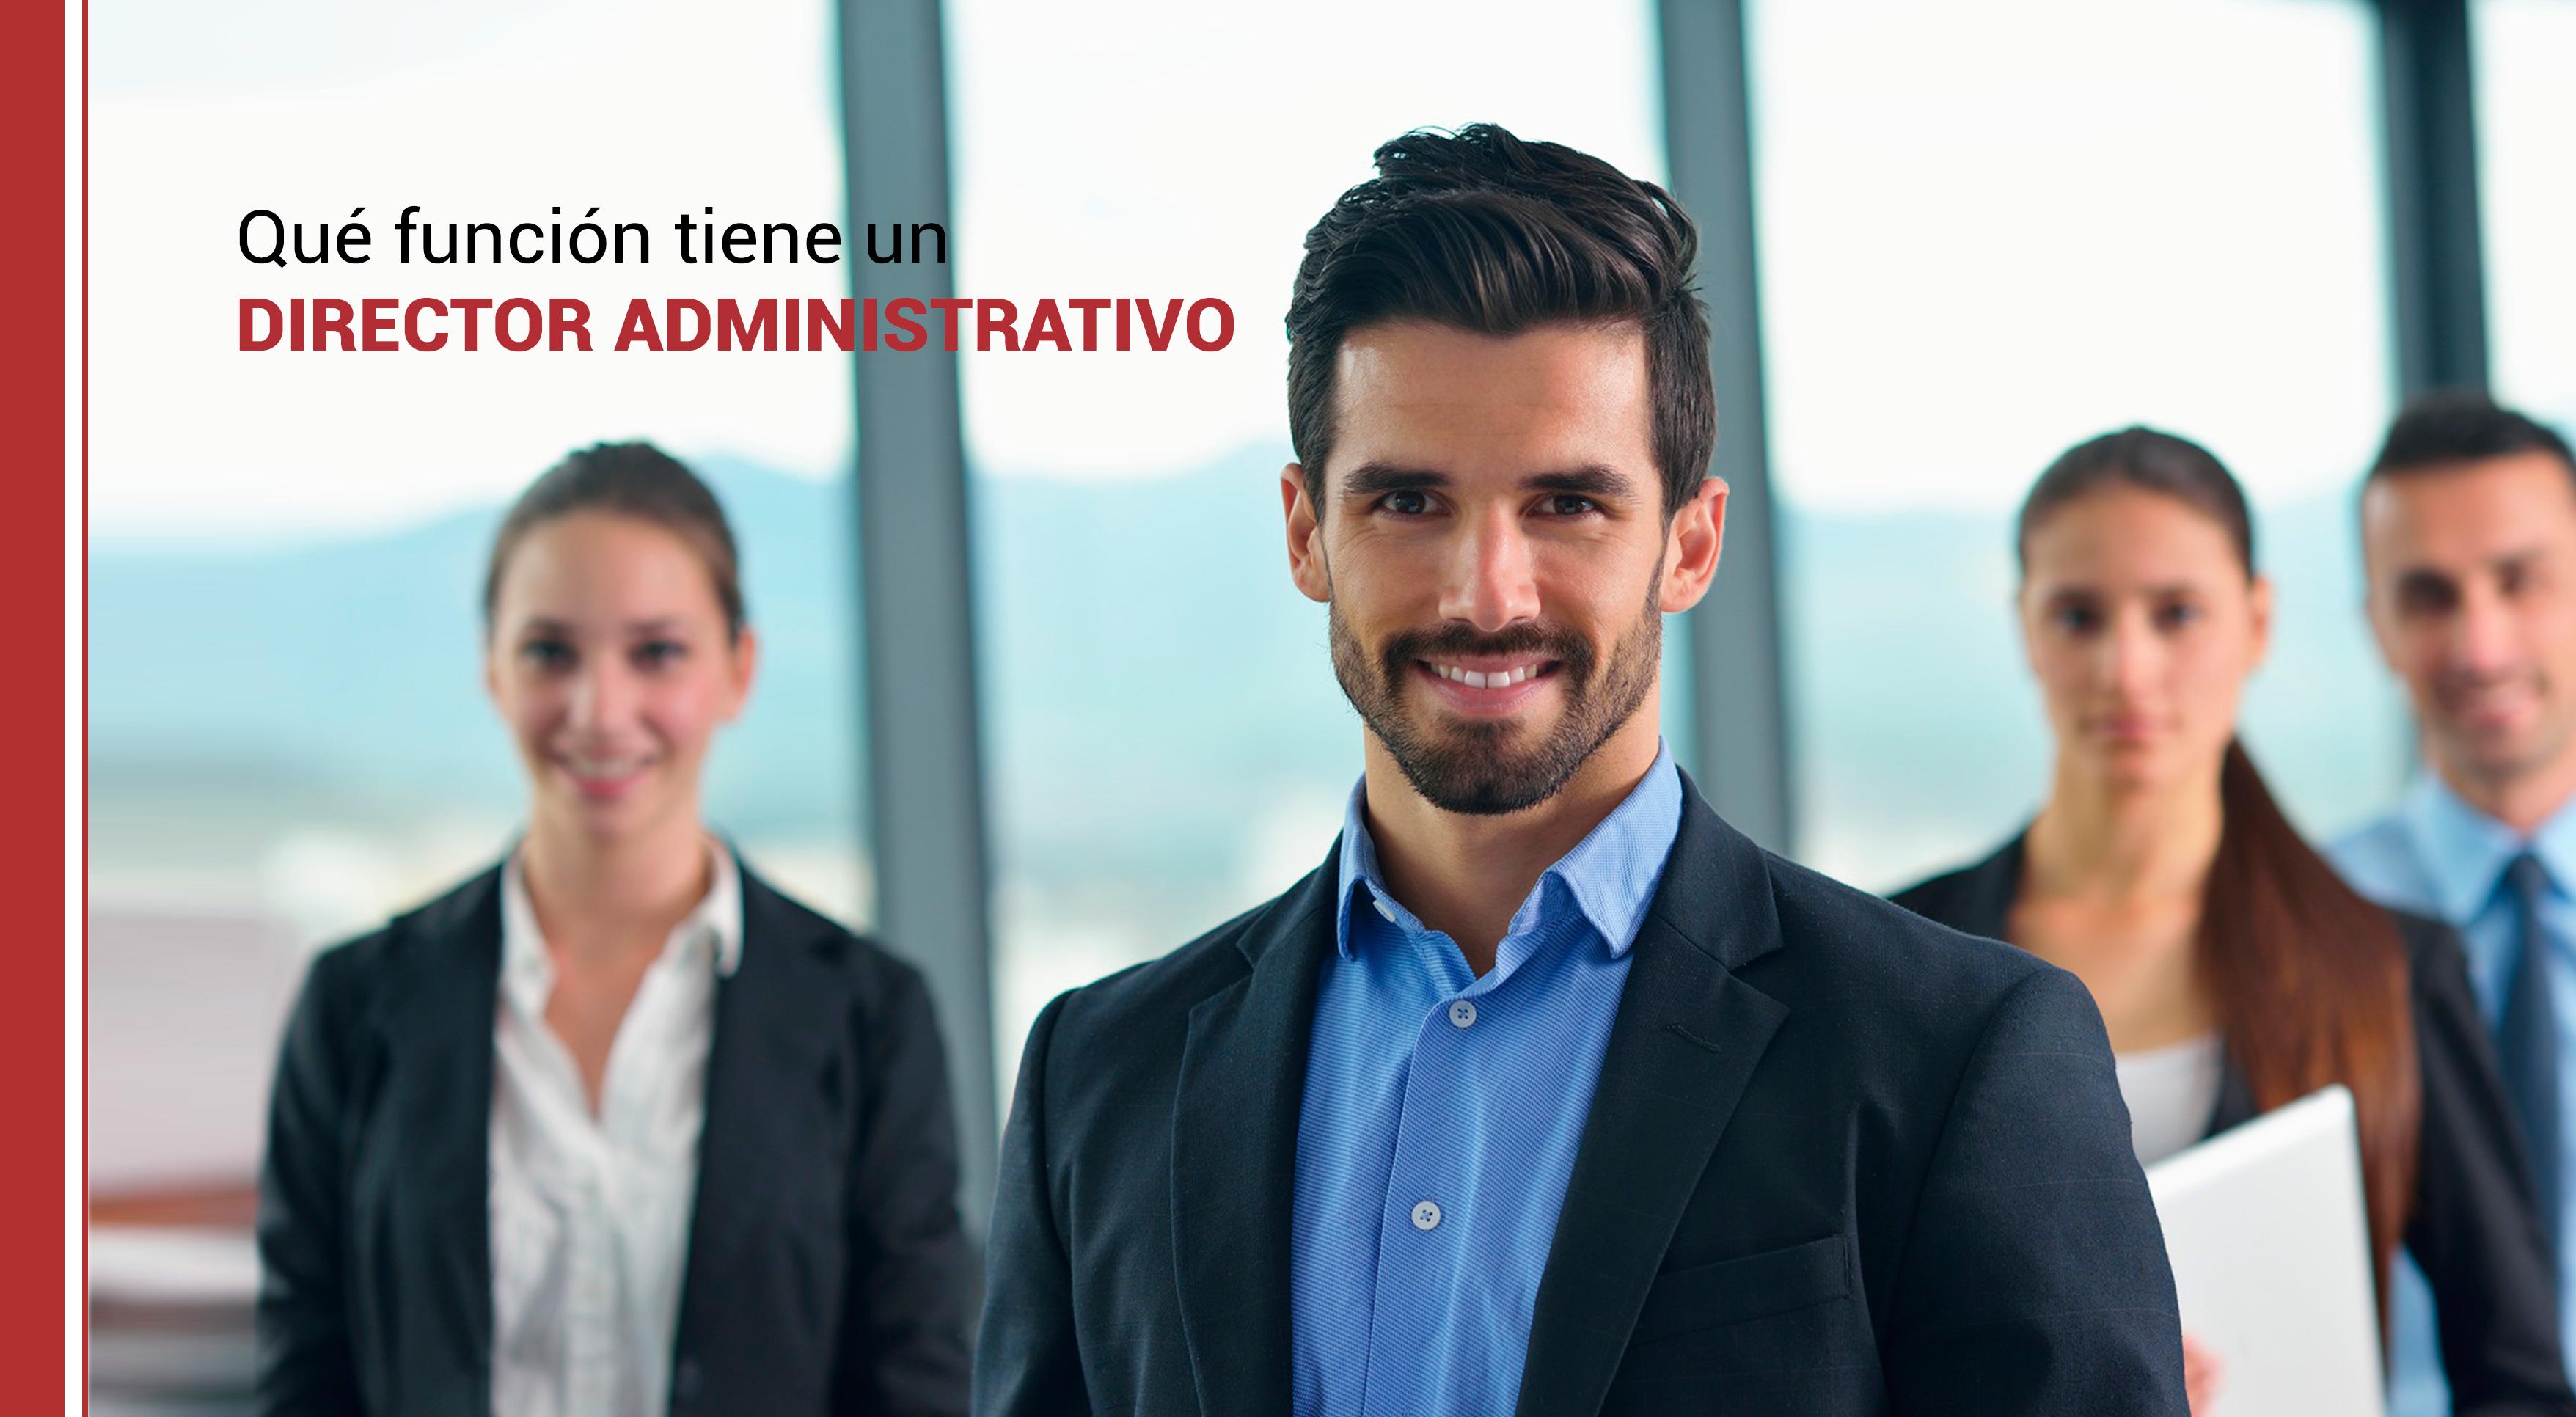 funcion-director-administrativo Qué función tiene un director administrativo